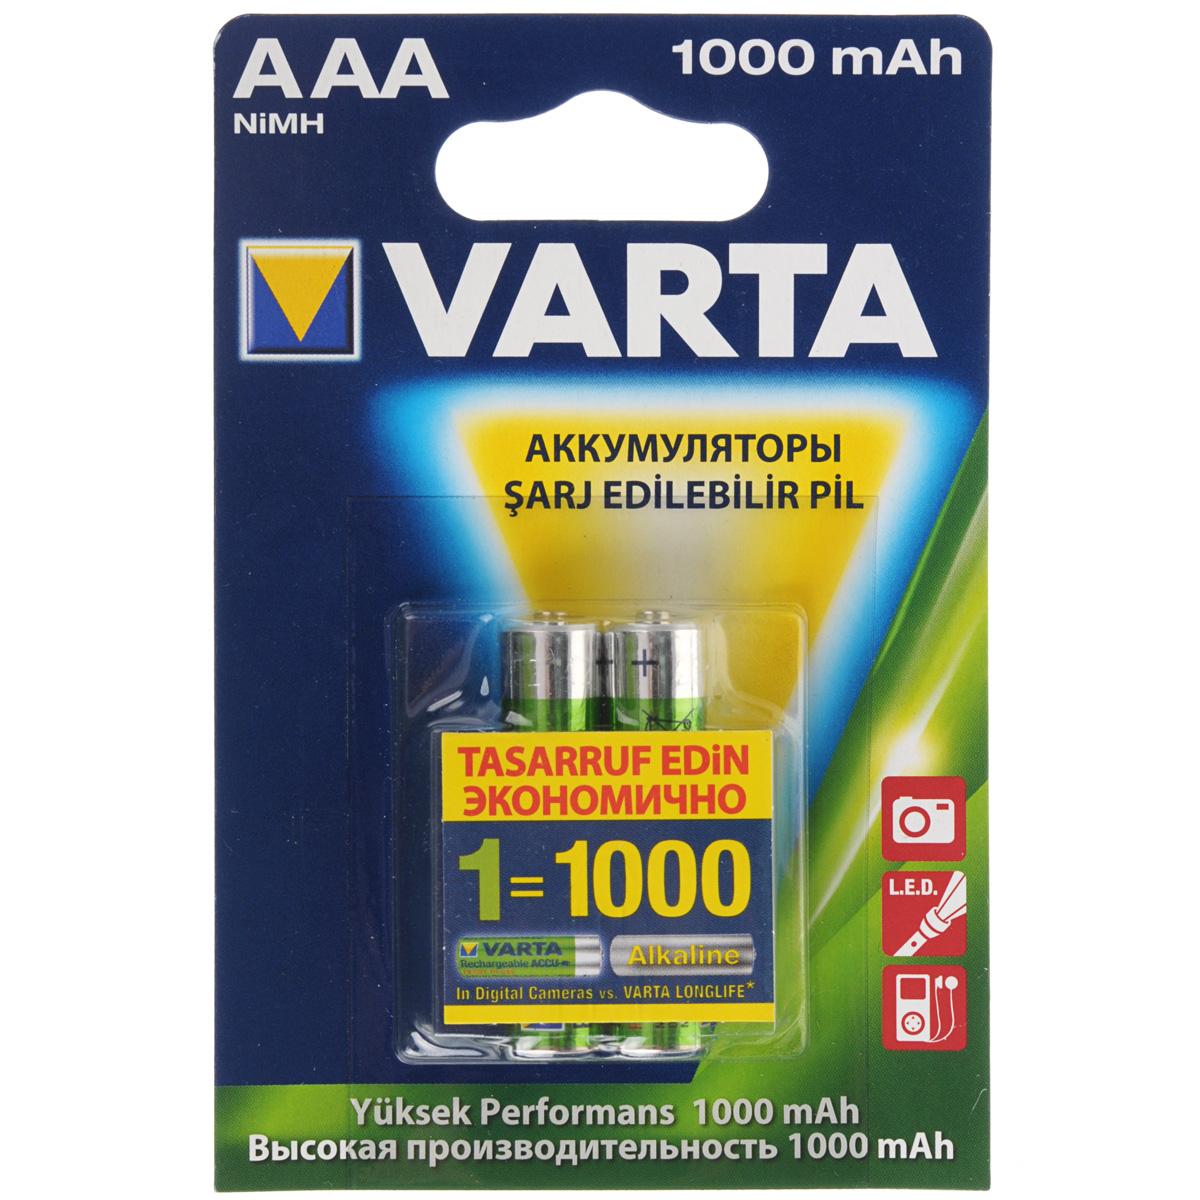 Аккумулятор Varta Ready2Use, тип ААА, 1000 мАч, 2 шт цена